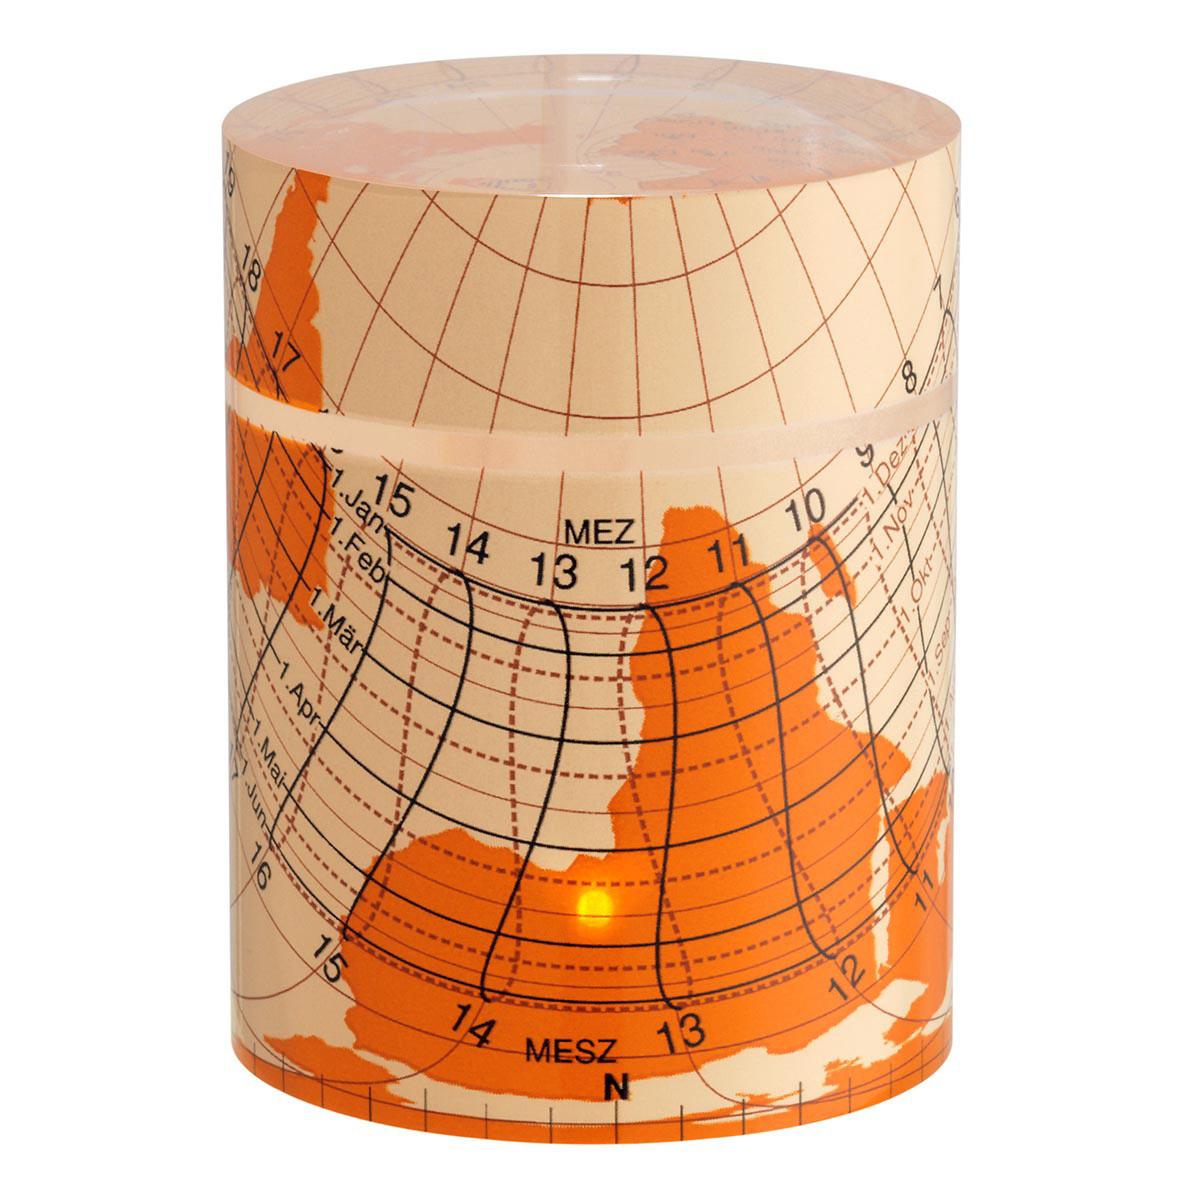 43-4000-13-zylinder-sonnenuhr-solemio-1200x1200px.jpg